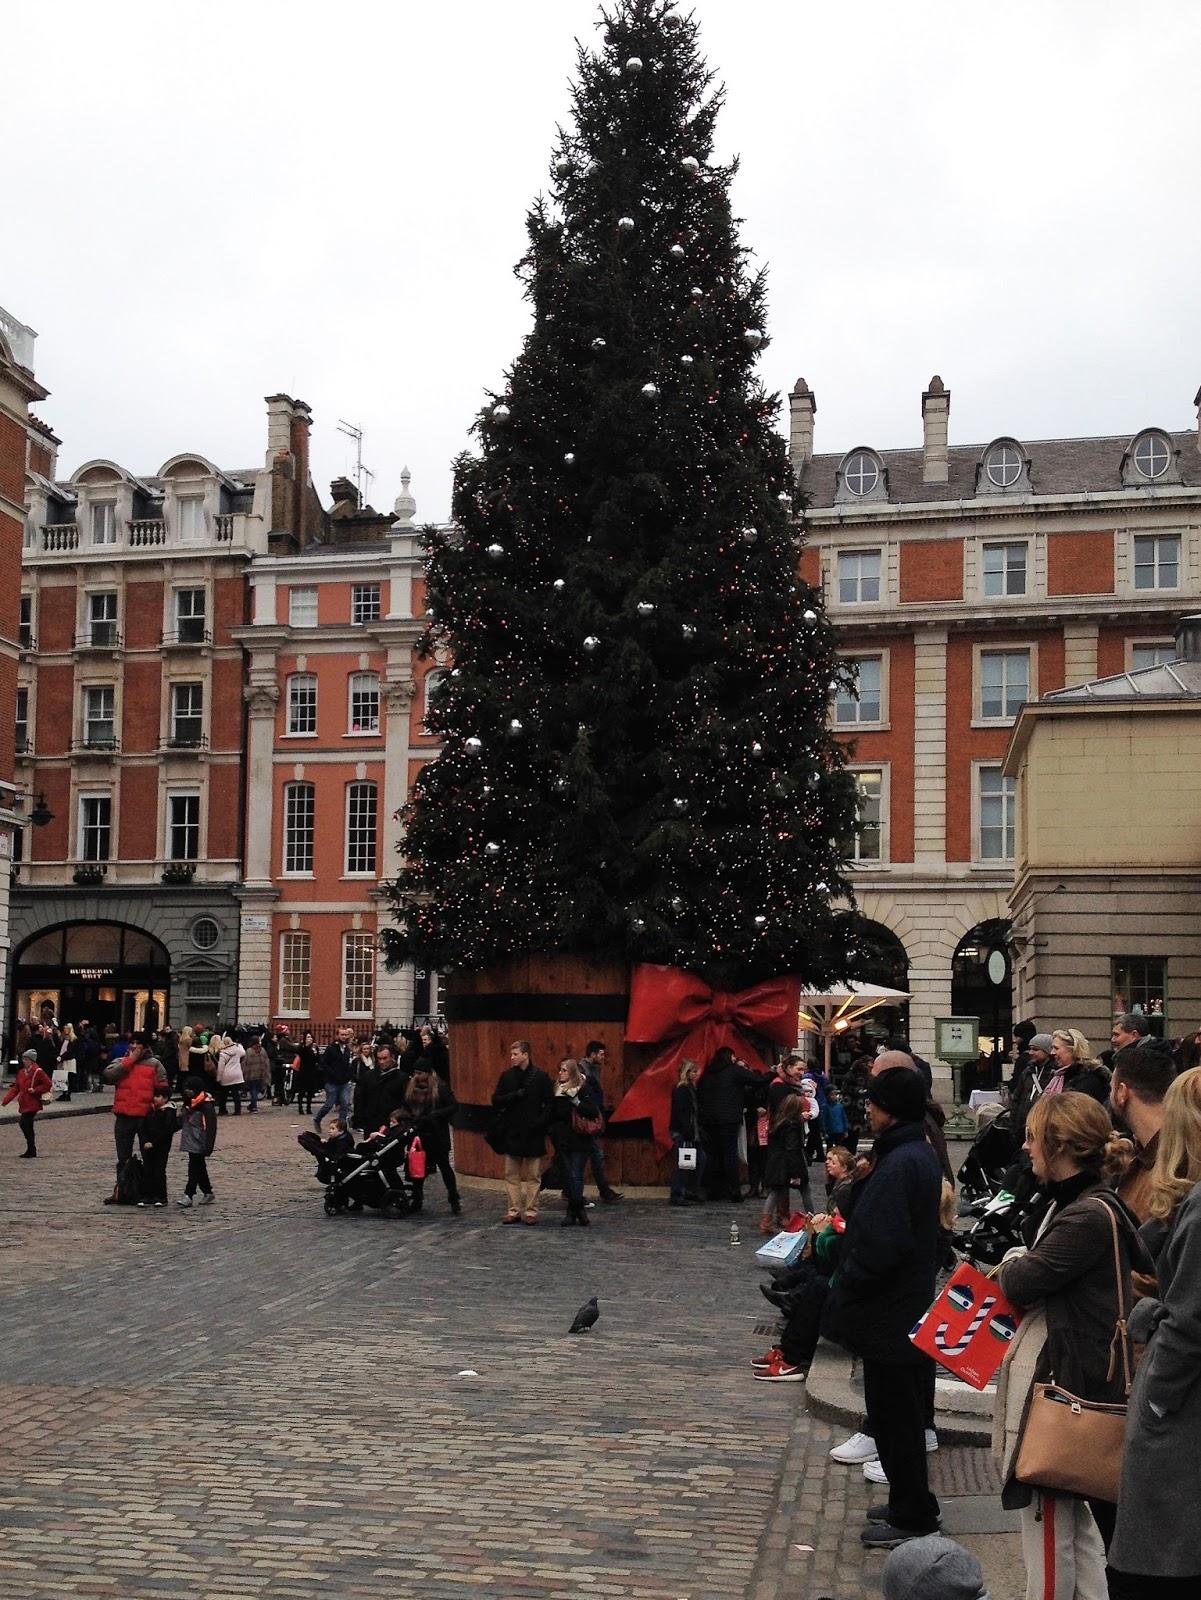 WW2 - The Second World War: A Covent Garden Christmas